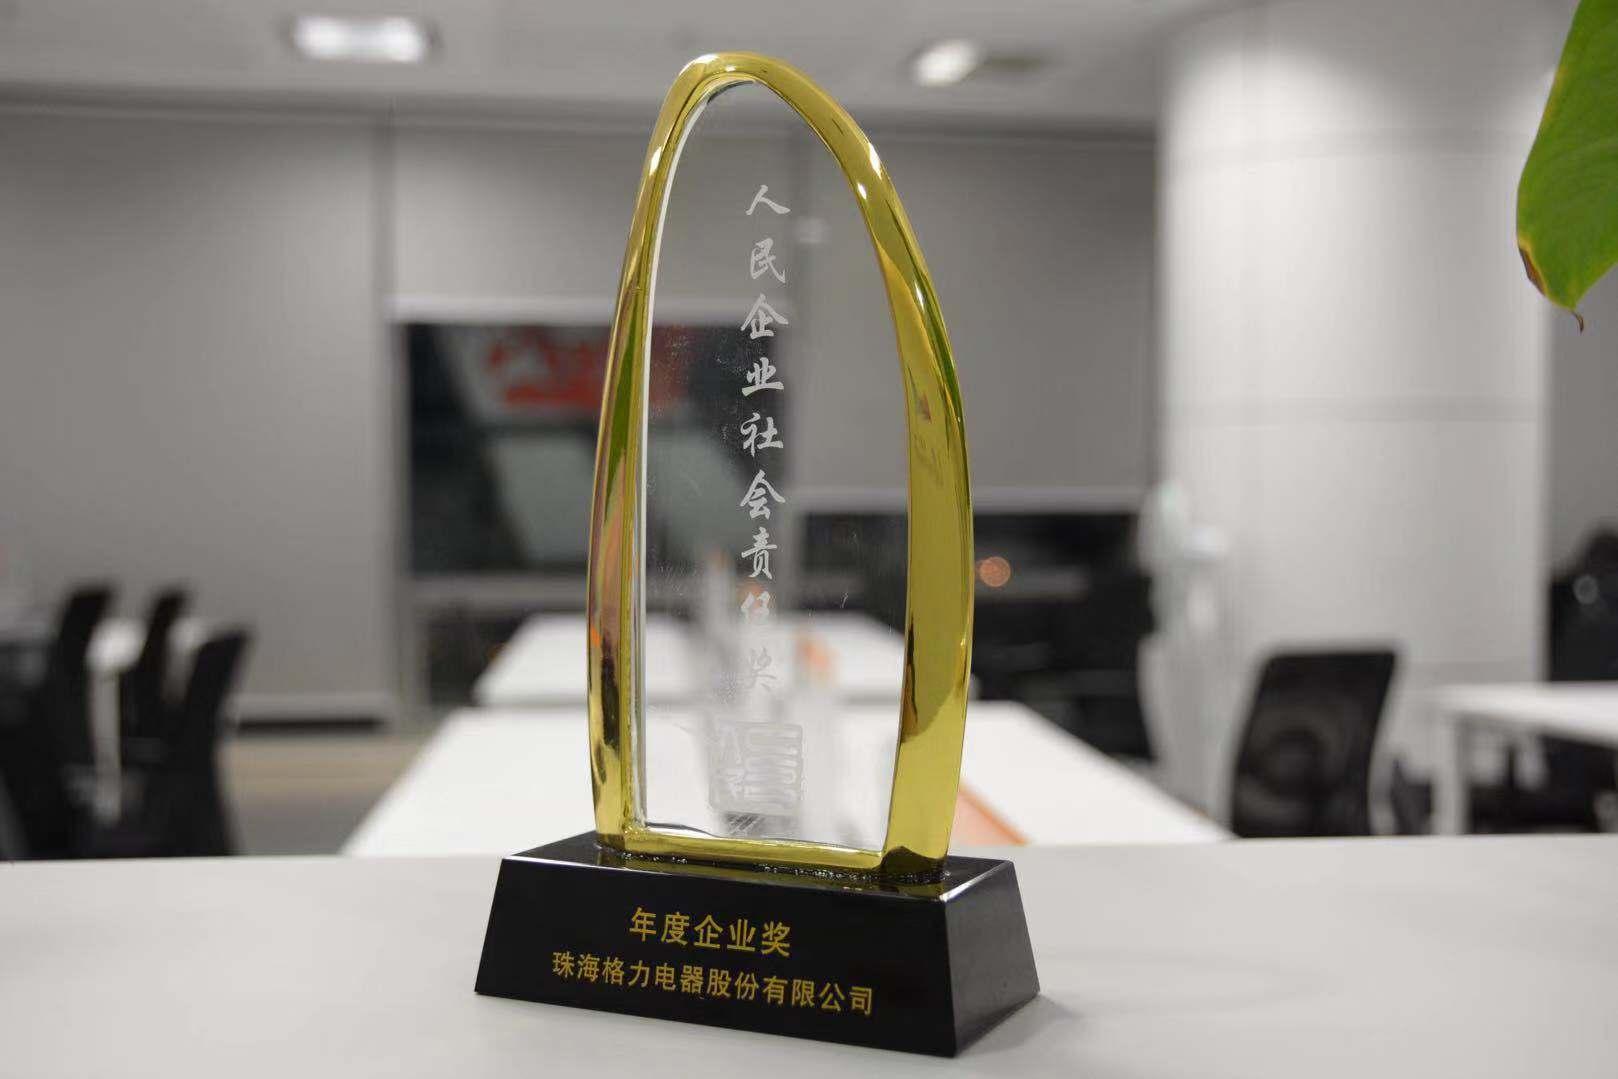 创新驱动 责任担当 世界杯体育平台再获人民企业社会责任奖年度企业奖